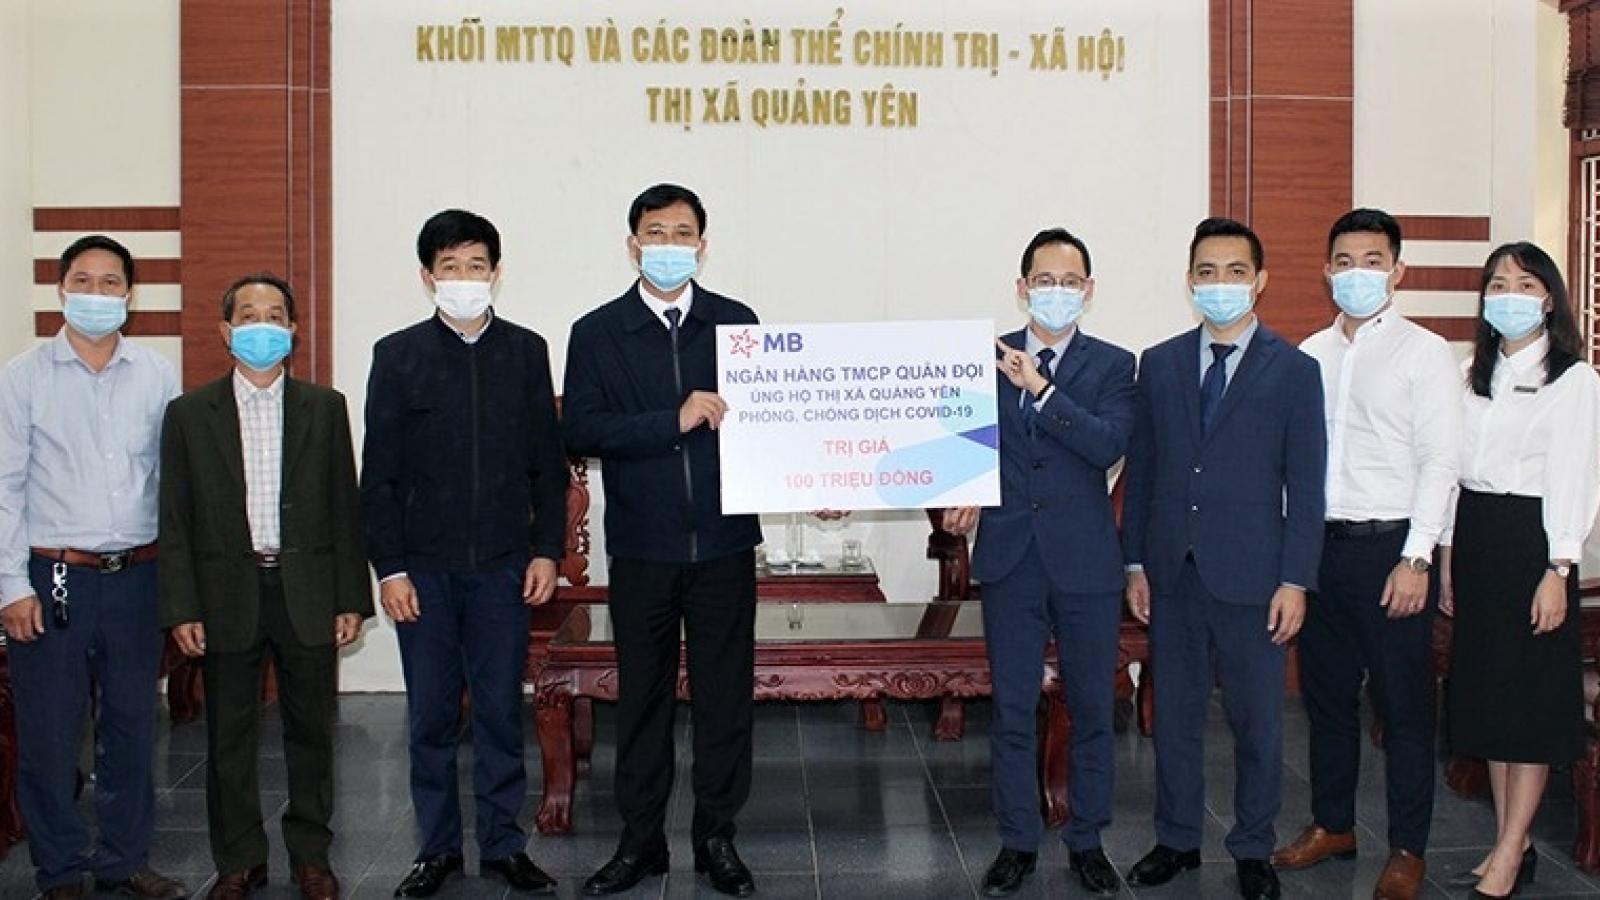 Quảng Ninh chỉ còn 6 bệnh nhân dương tính với SARS-CoV-2